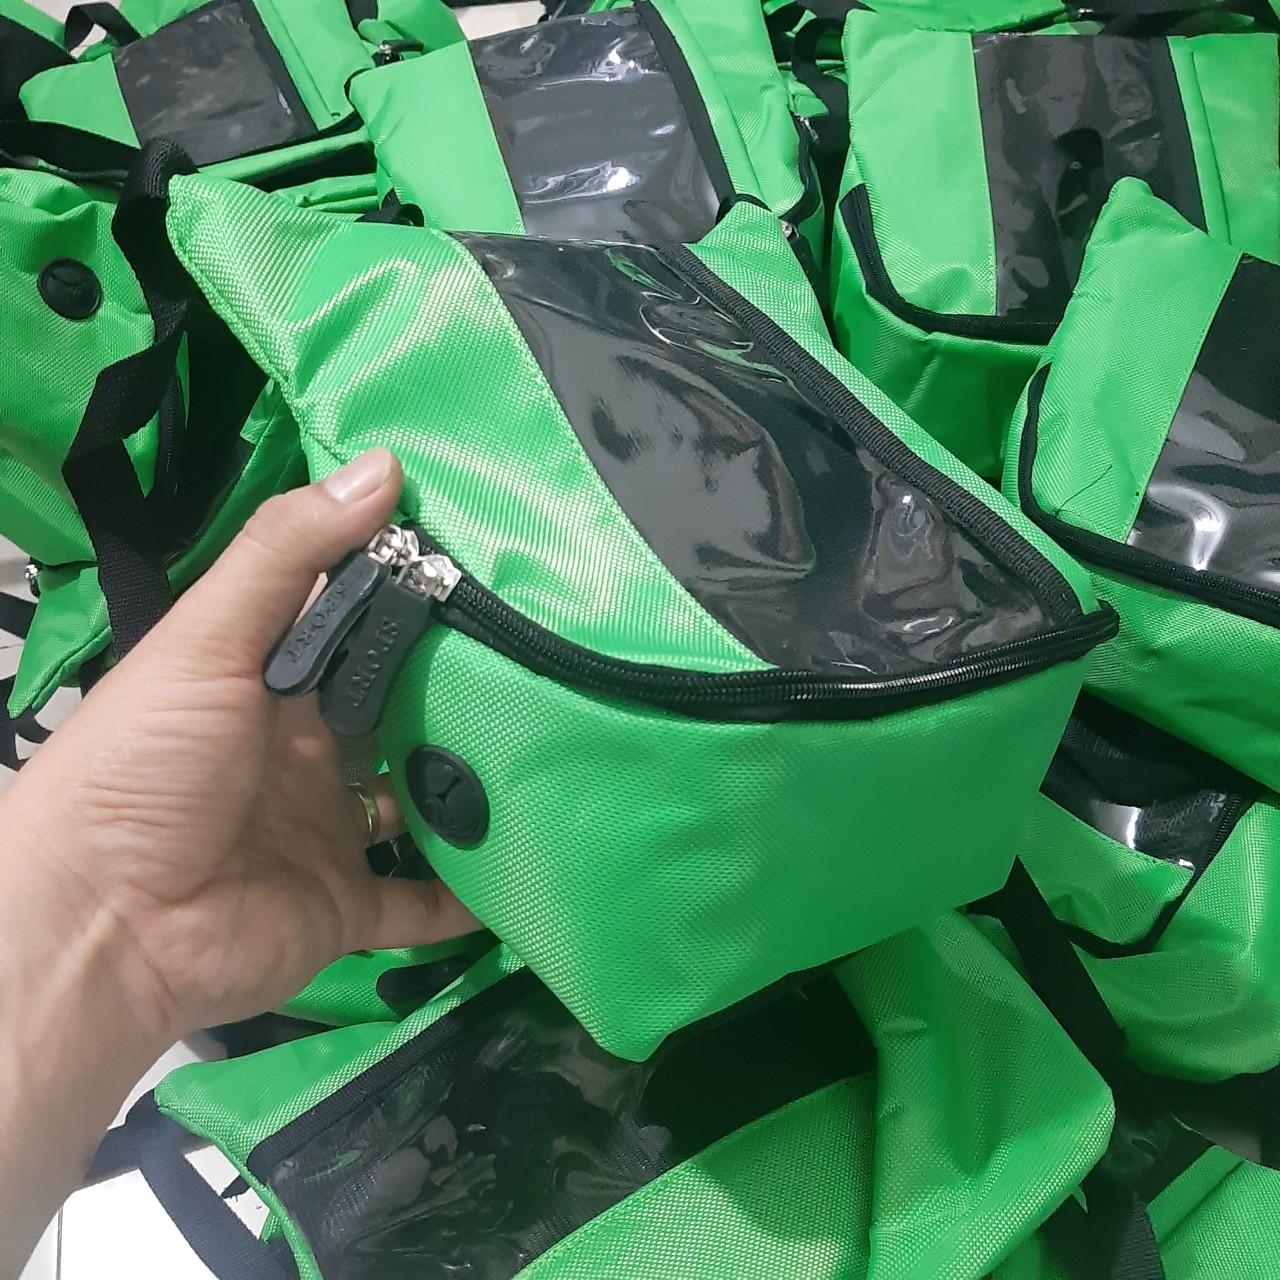 Túi treo đầu xe máy Sunha, Để Điện Thoại Và Vật Dụng Tiện Lợi , Chất Liệu Vải Cao Cấp , Cảm ỨNg NHạy , Màu Xanh Của Gáp